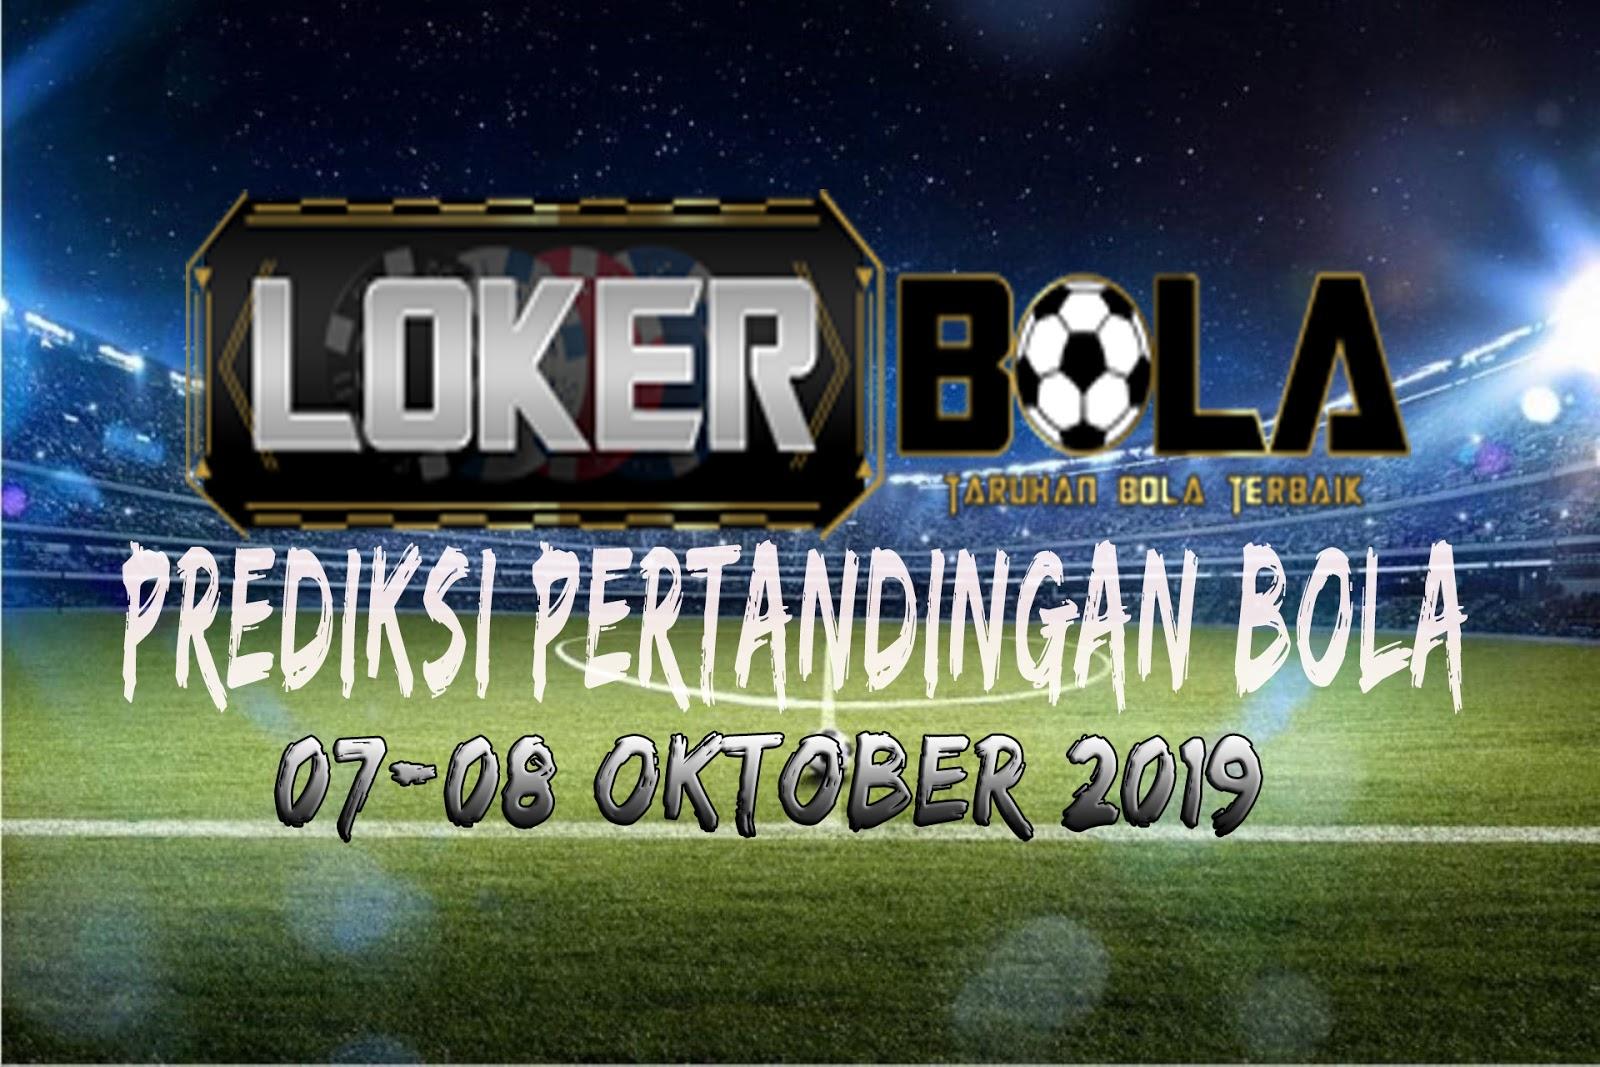 PREDIKSI PERTANDINGAN BOLA 07 – 08 OKTOBER 2019